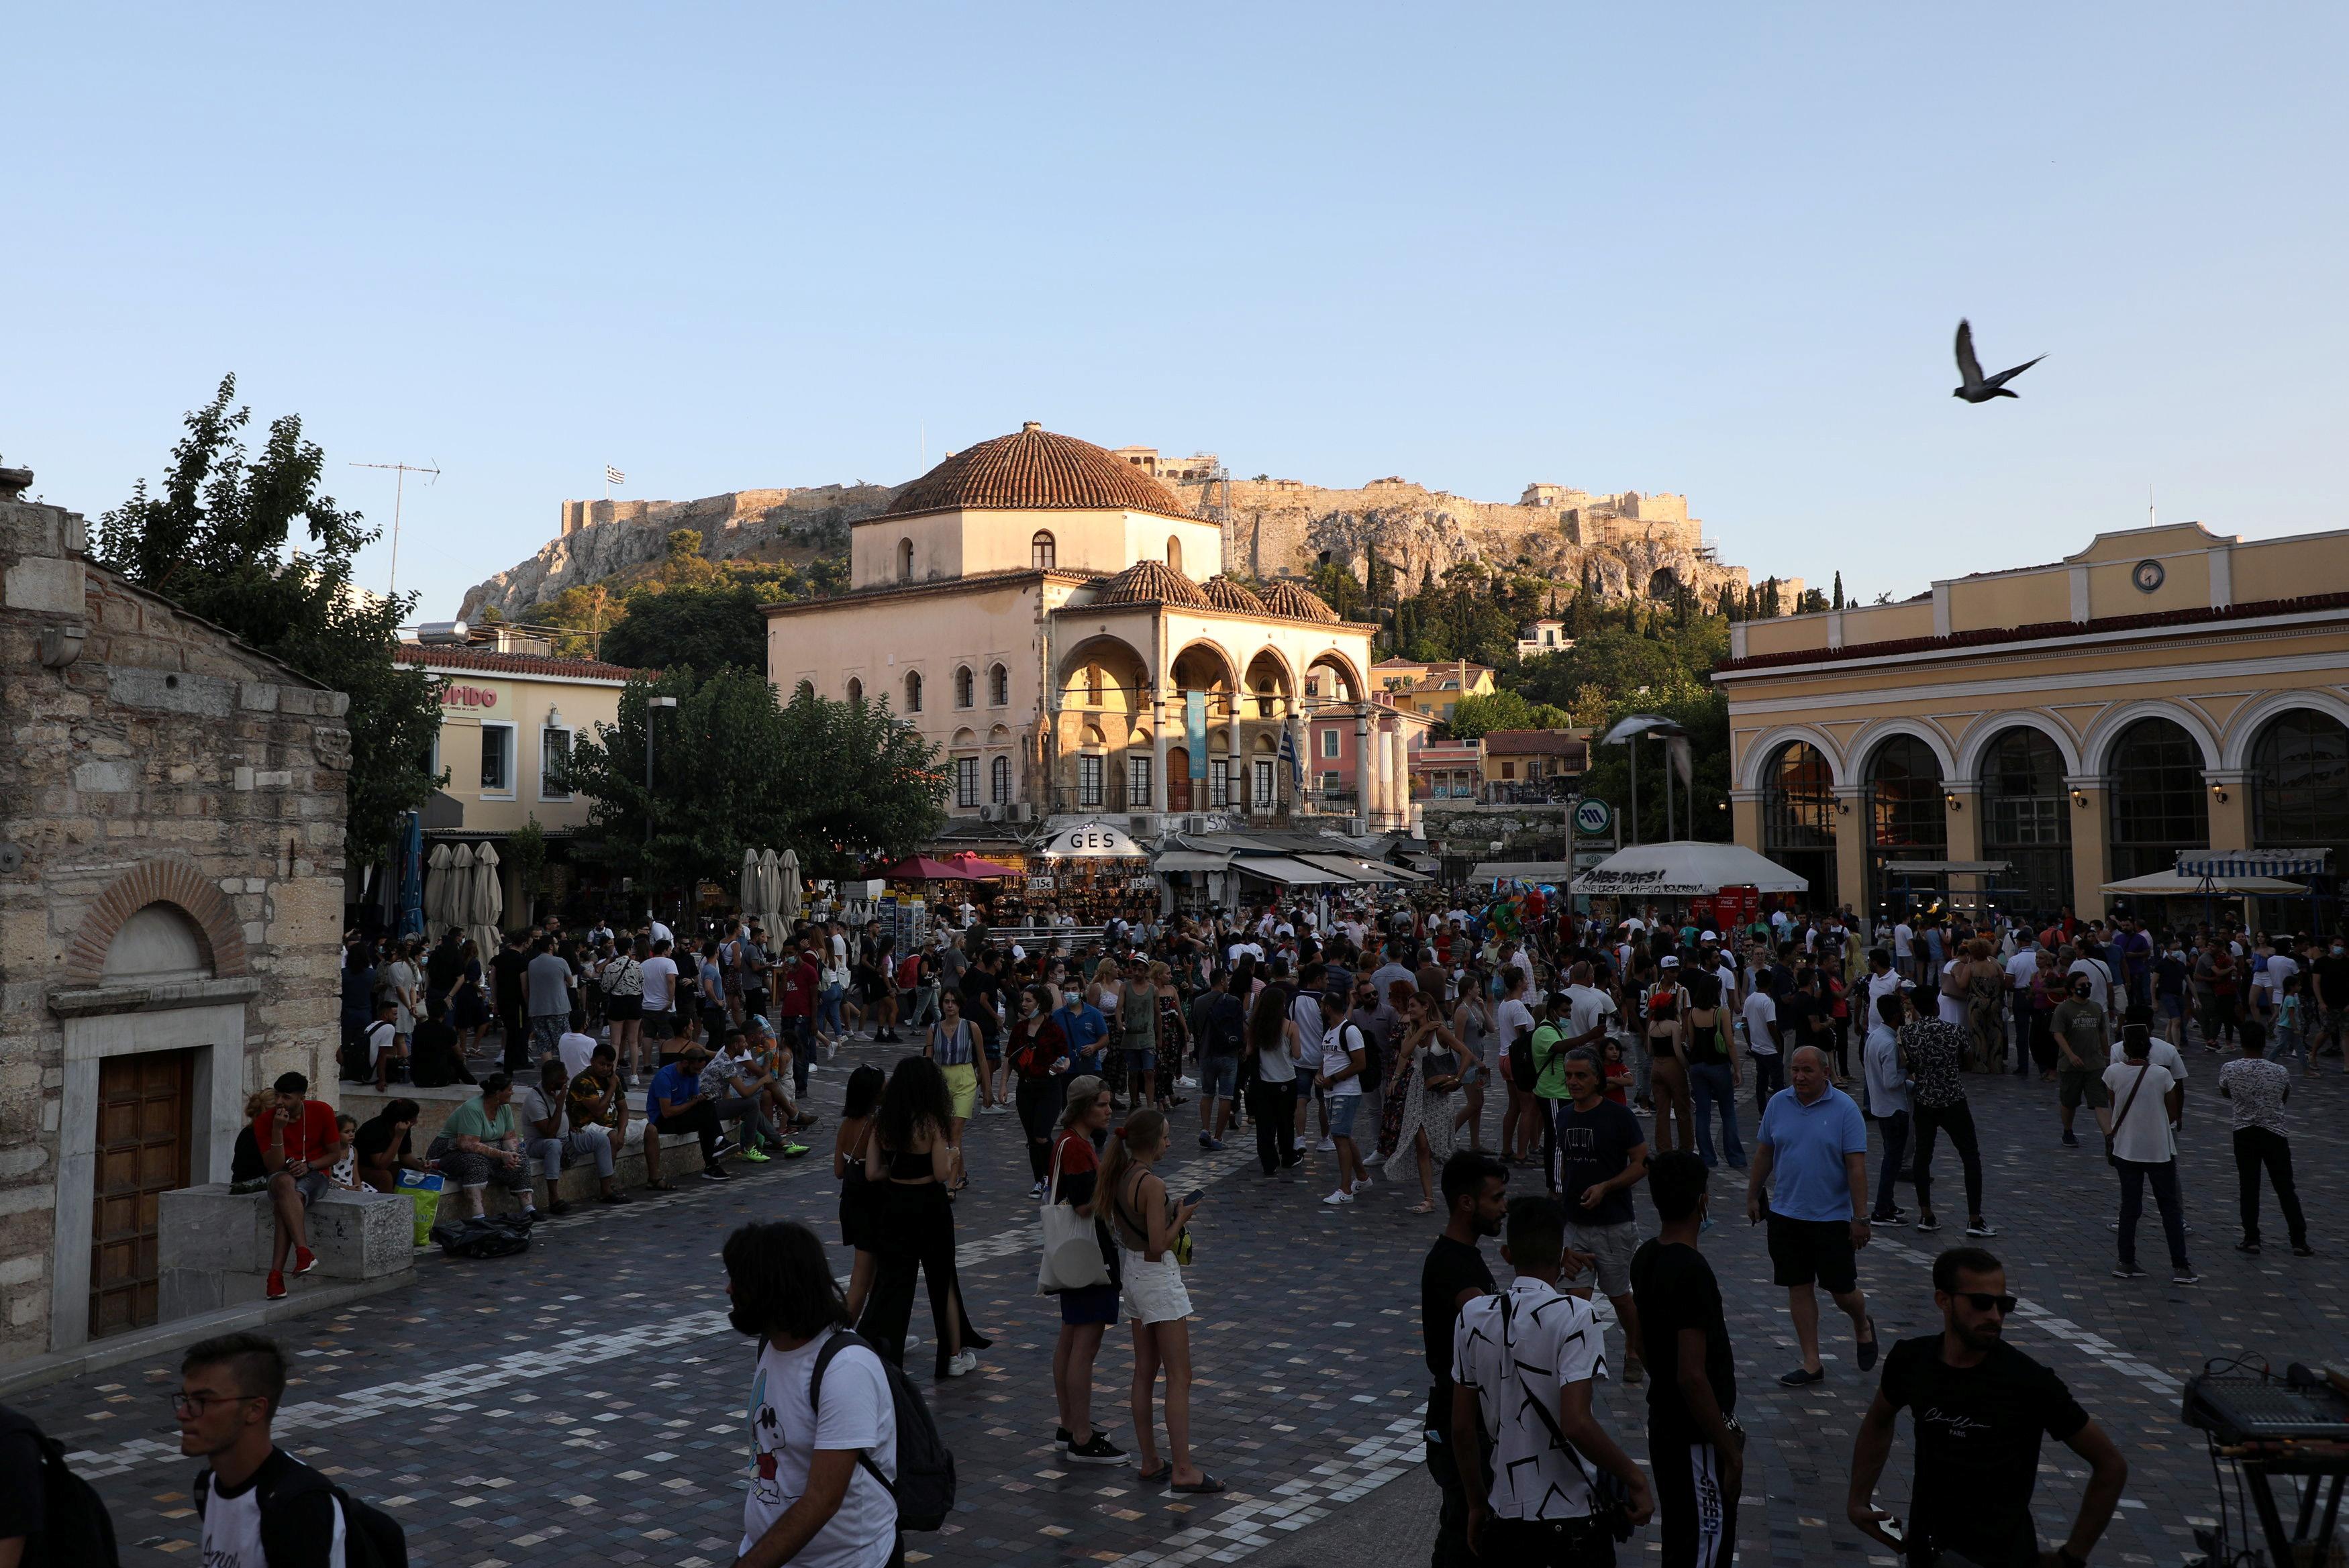 People visit Monastiraki square in Athens, Greece, July 25, 2021. Picture taken July 25, 2021. REUTERS/Louiza Vradi